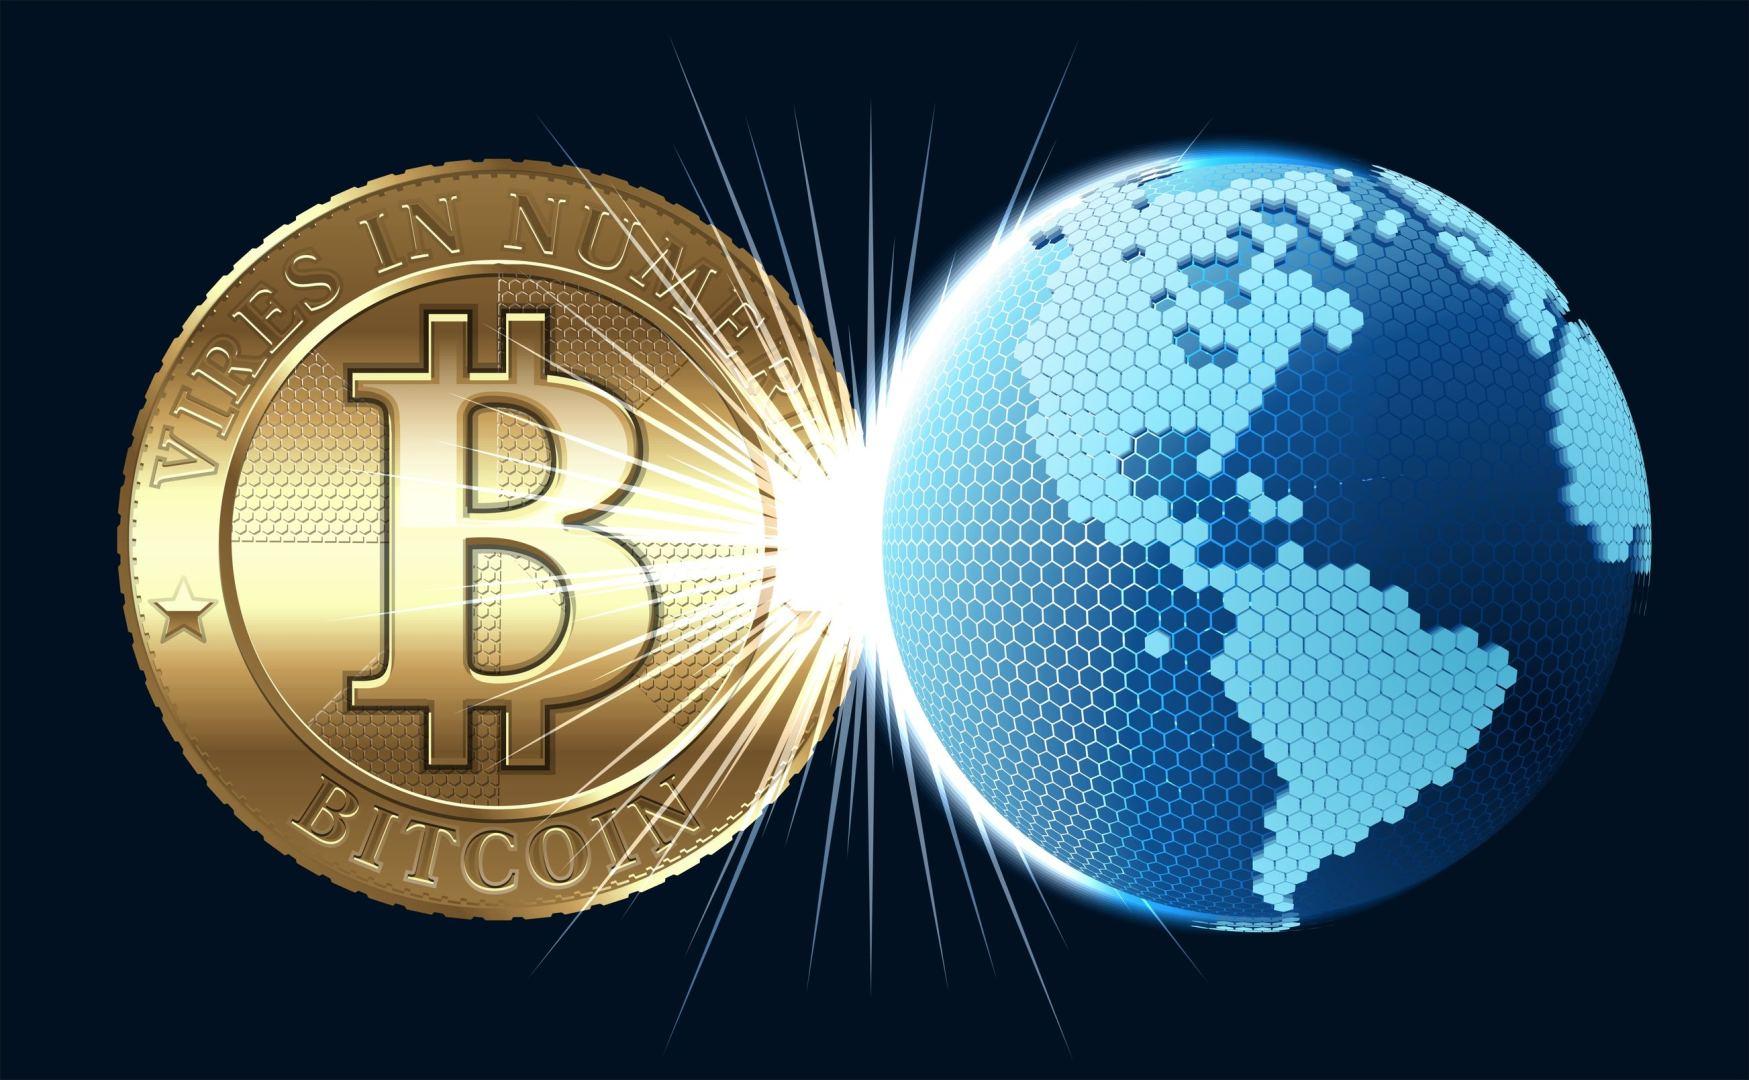 vadovas užsidirbti pinigų kriptovaliuta kaip kasdien prekiauti bitkoinu 2020 m